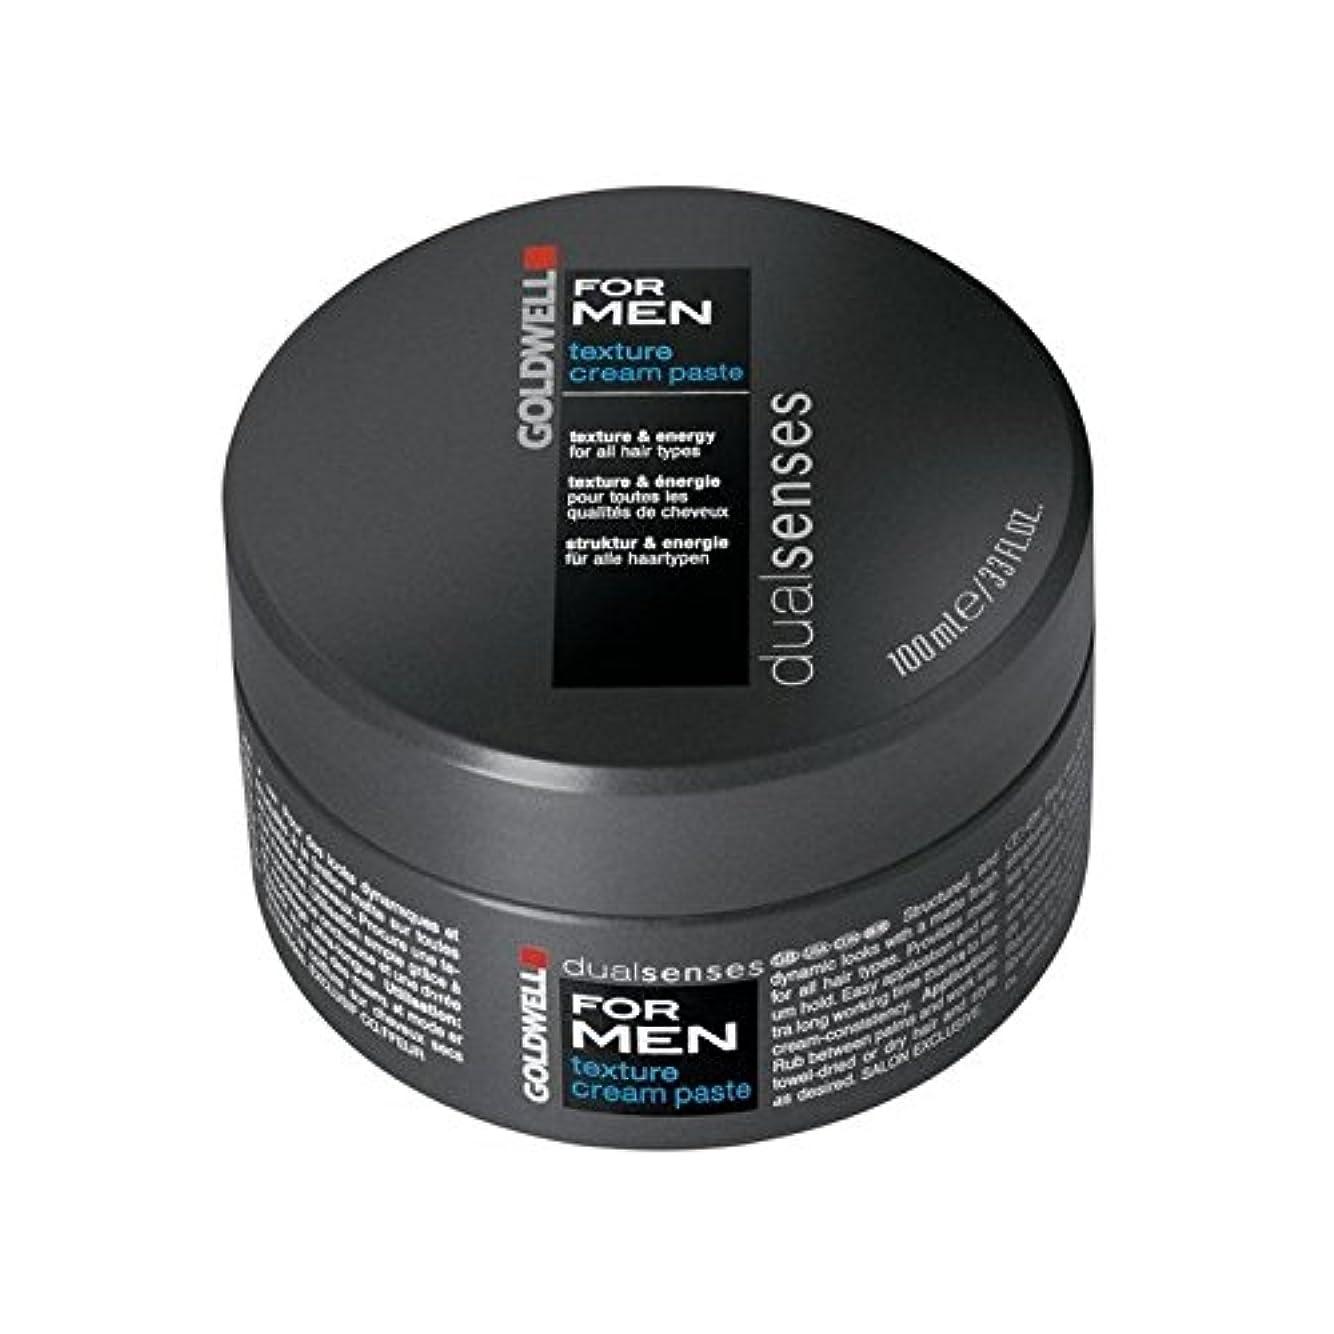 申し立てる足音確立します男性のテクスチャーのクリームペースト(100ミリリットル)のためのの x2 - Goldwell Dualsenses For Men Texture Cream Paste (100ml) (Pack of 2) [並行輸入品]